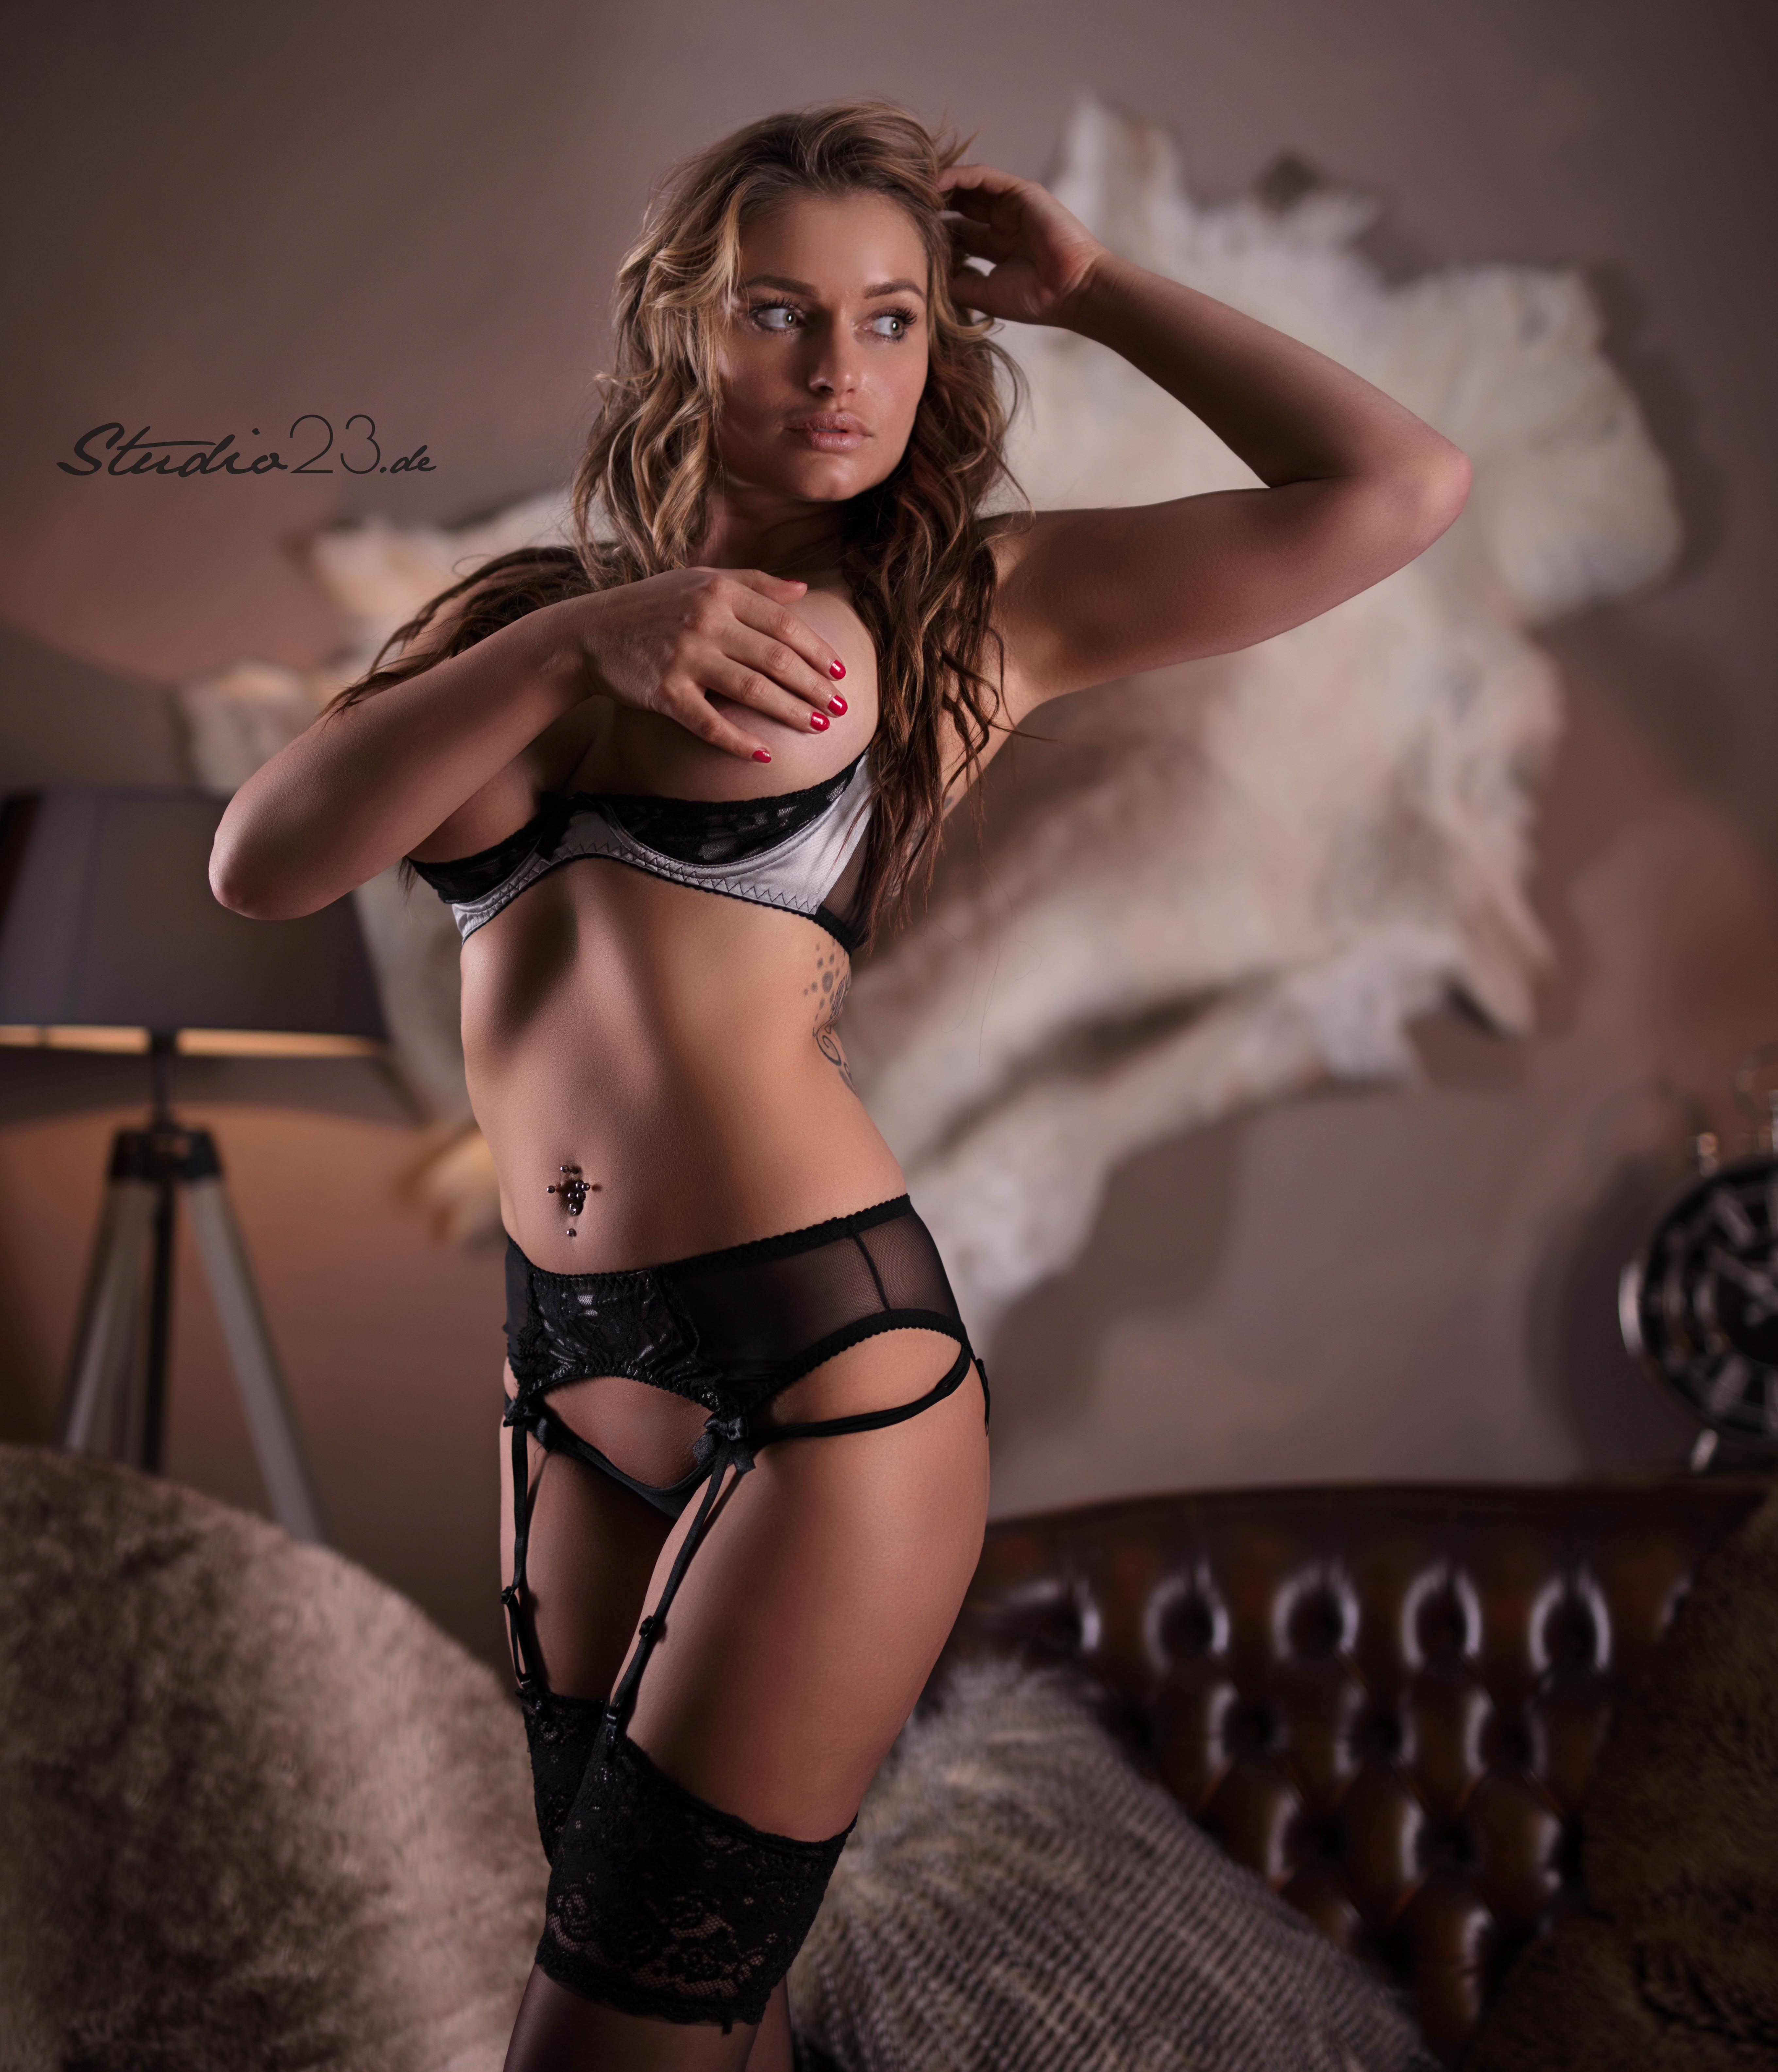 Julia neumann holly nackt